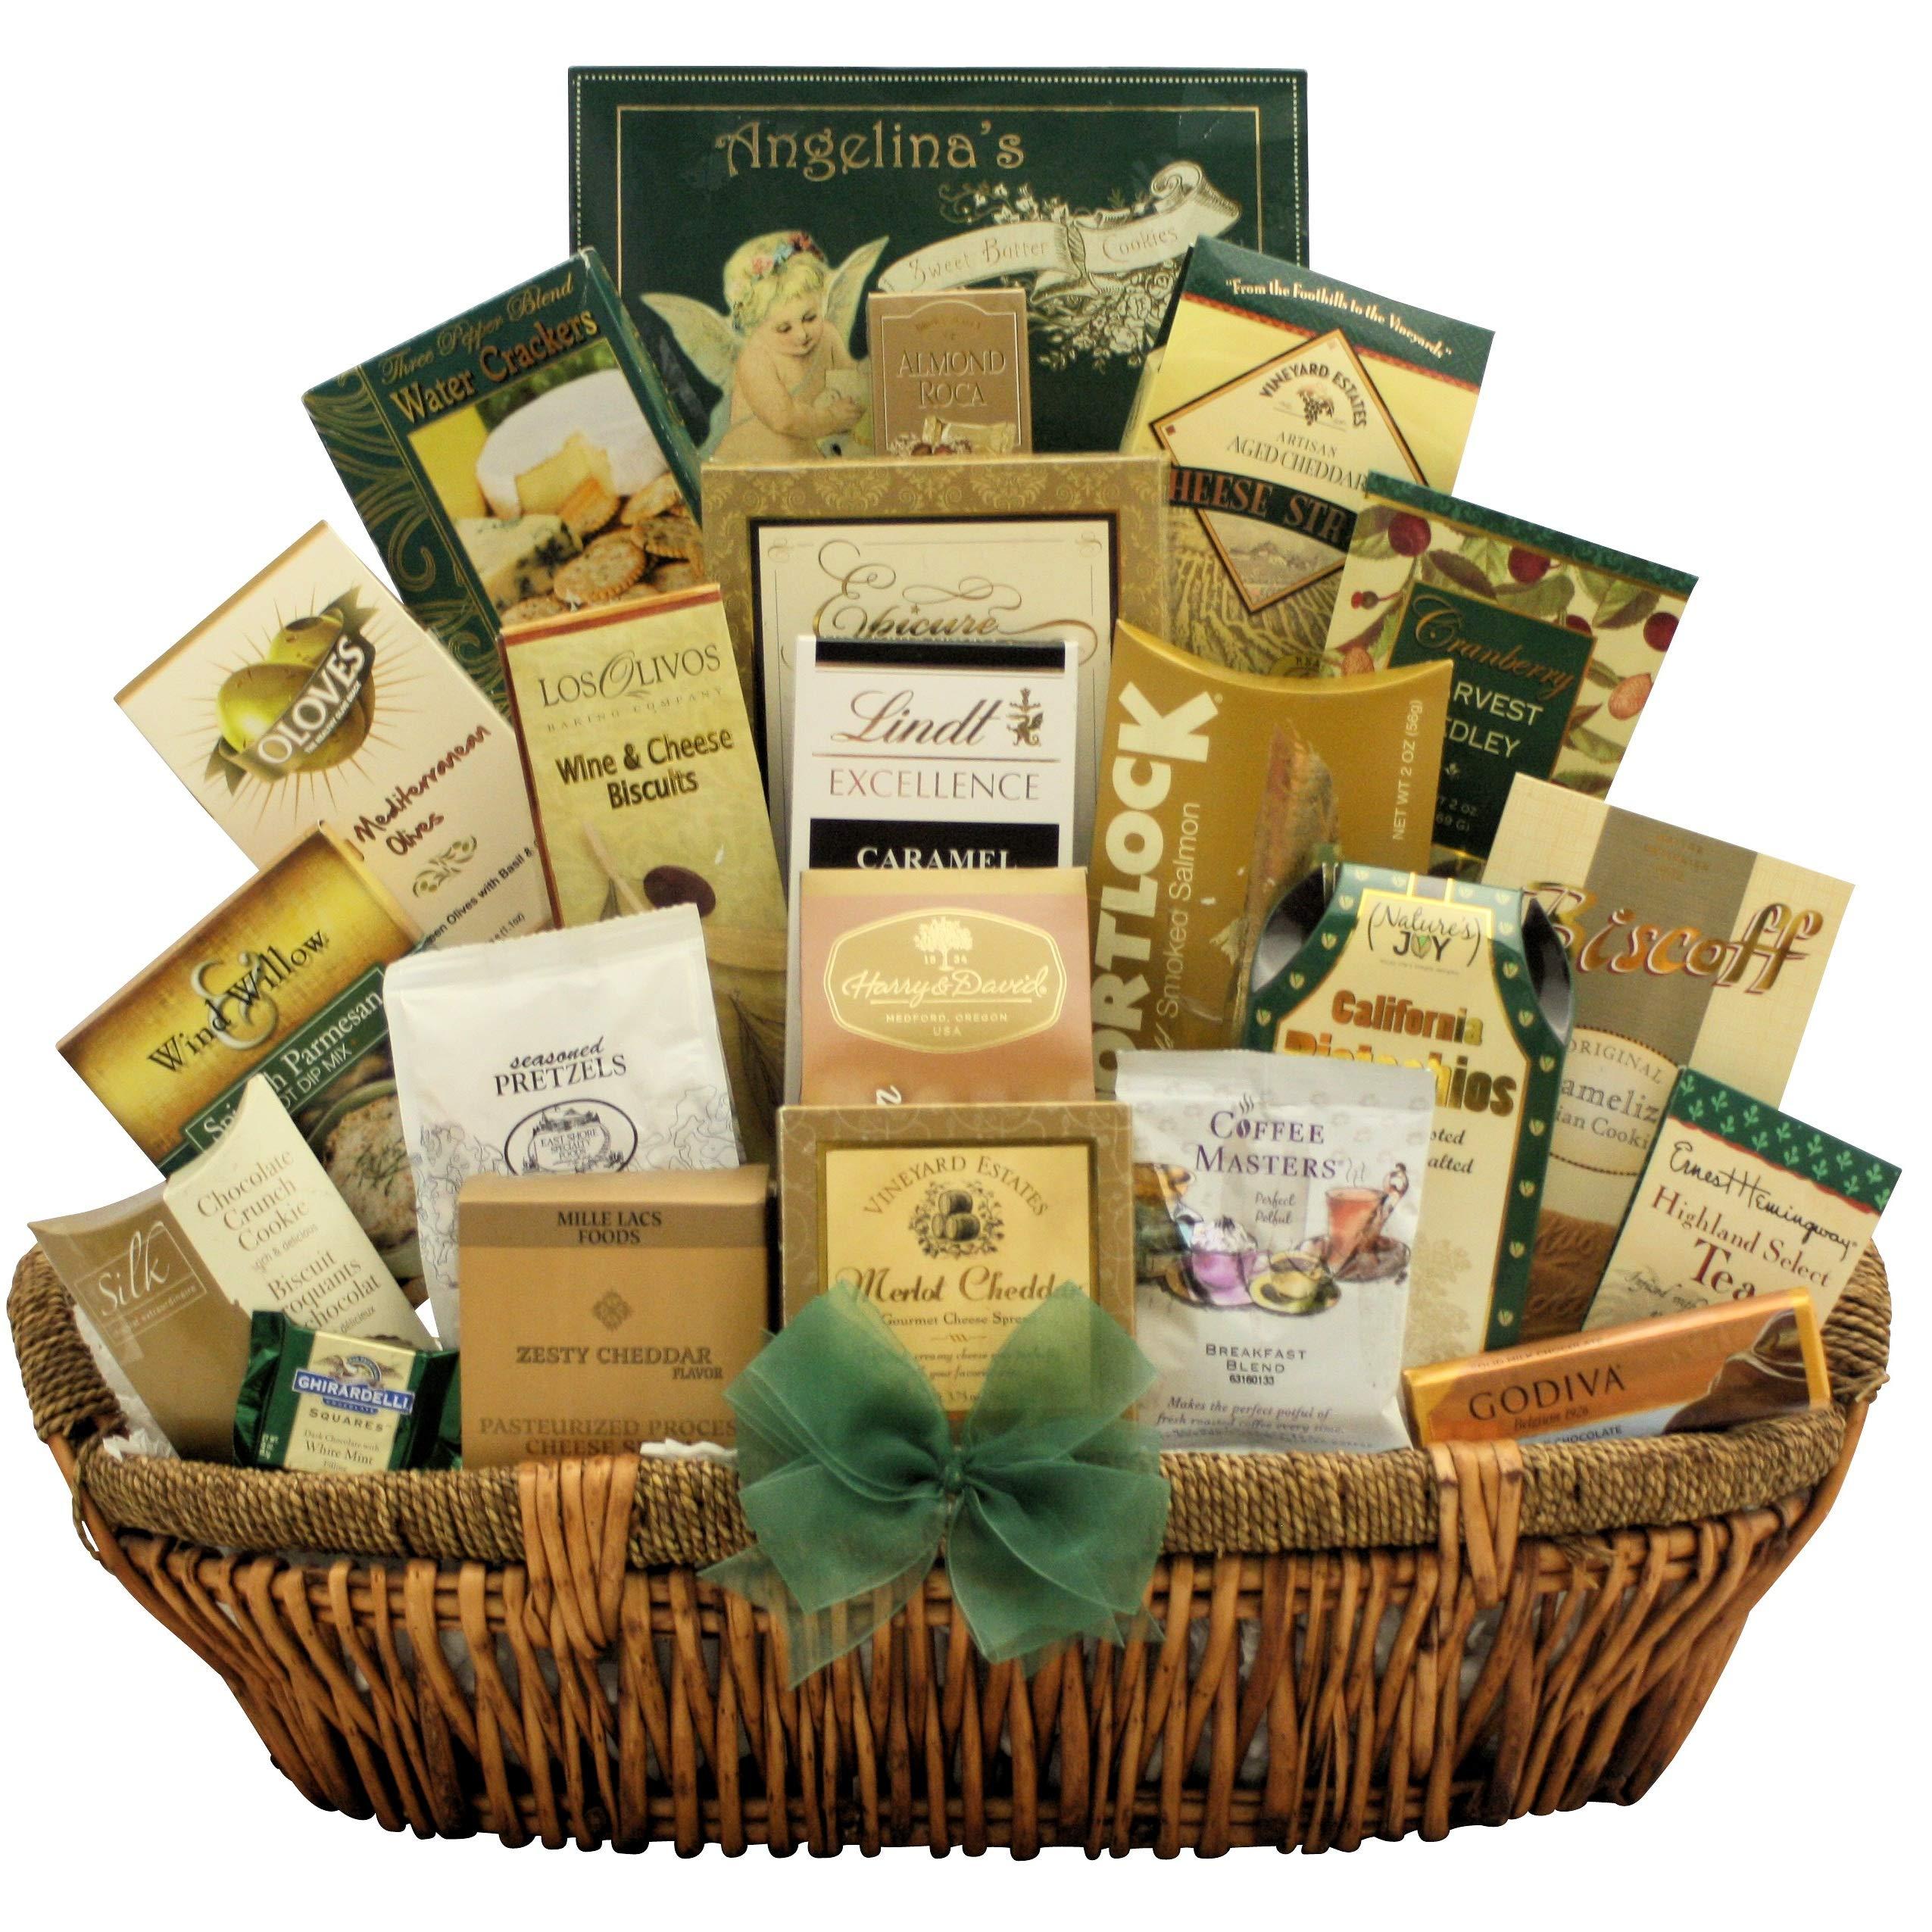 GreatArrivals Gallant Affair Gourmet Thank You Gift Basket, 10 Pound by GreatArrivals Gift Baskets (Image #1)